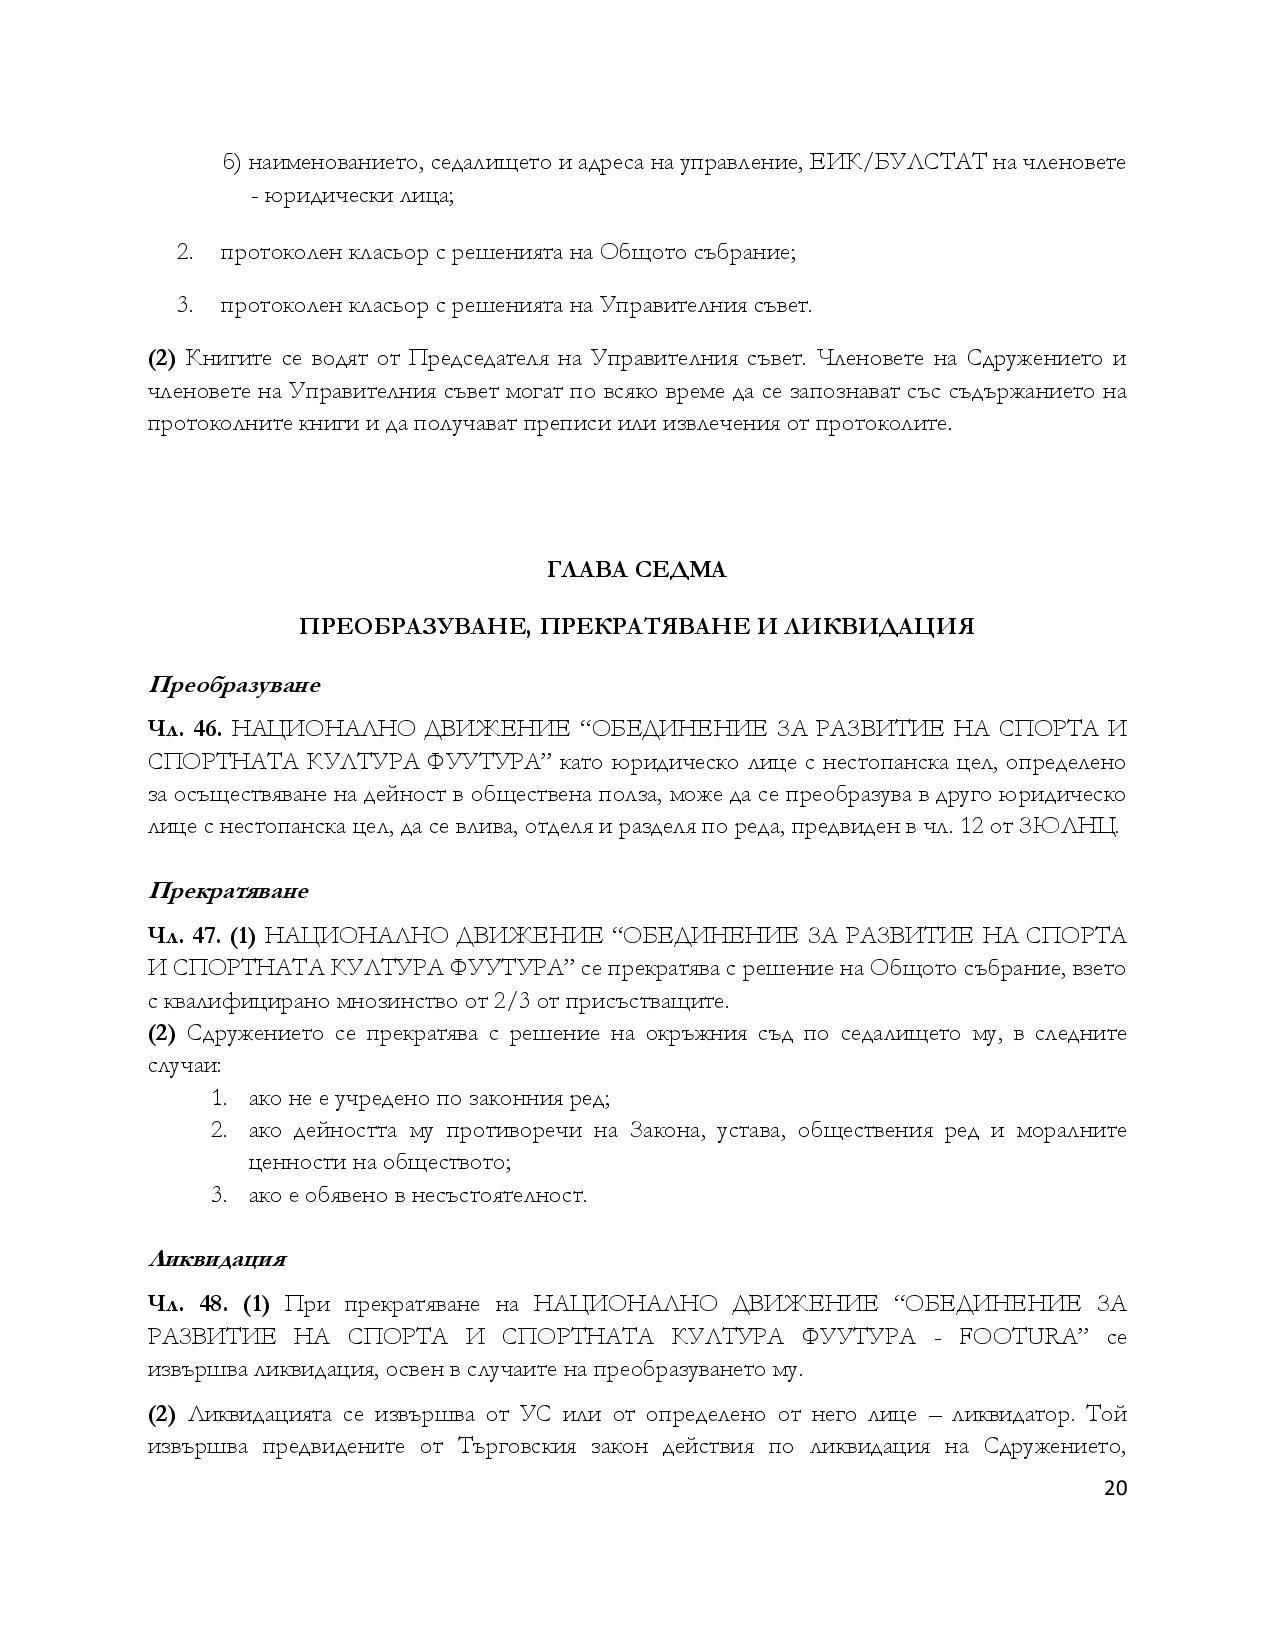 Ustav_Footura_final_2013-page-020